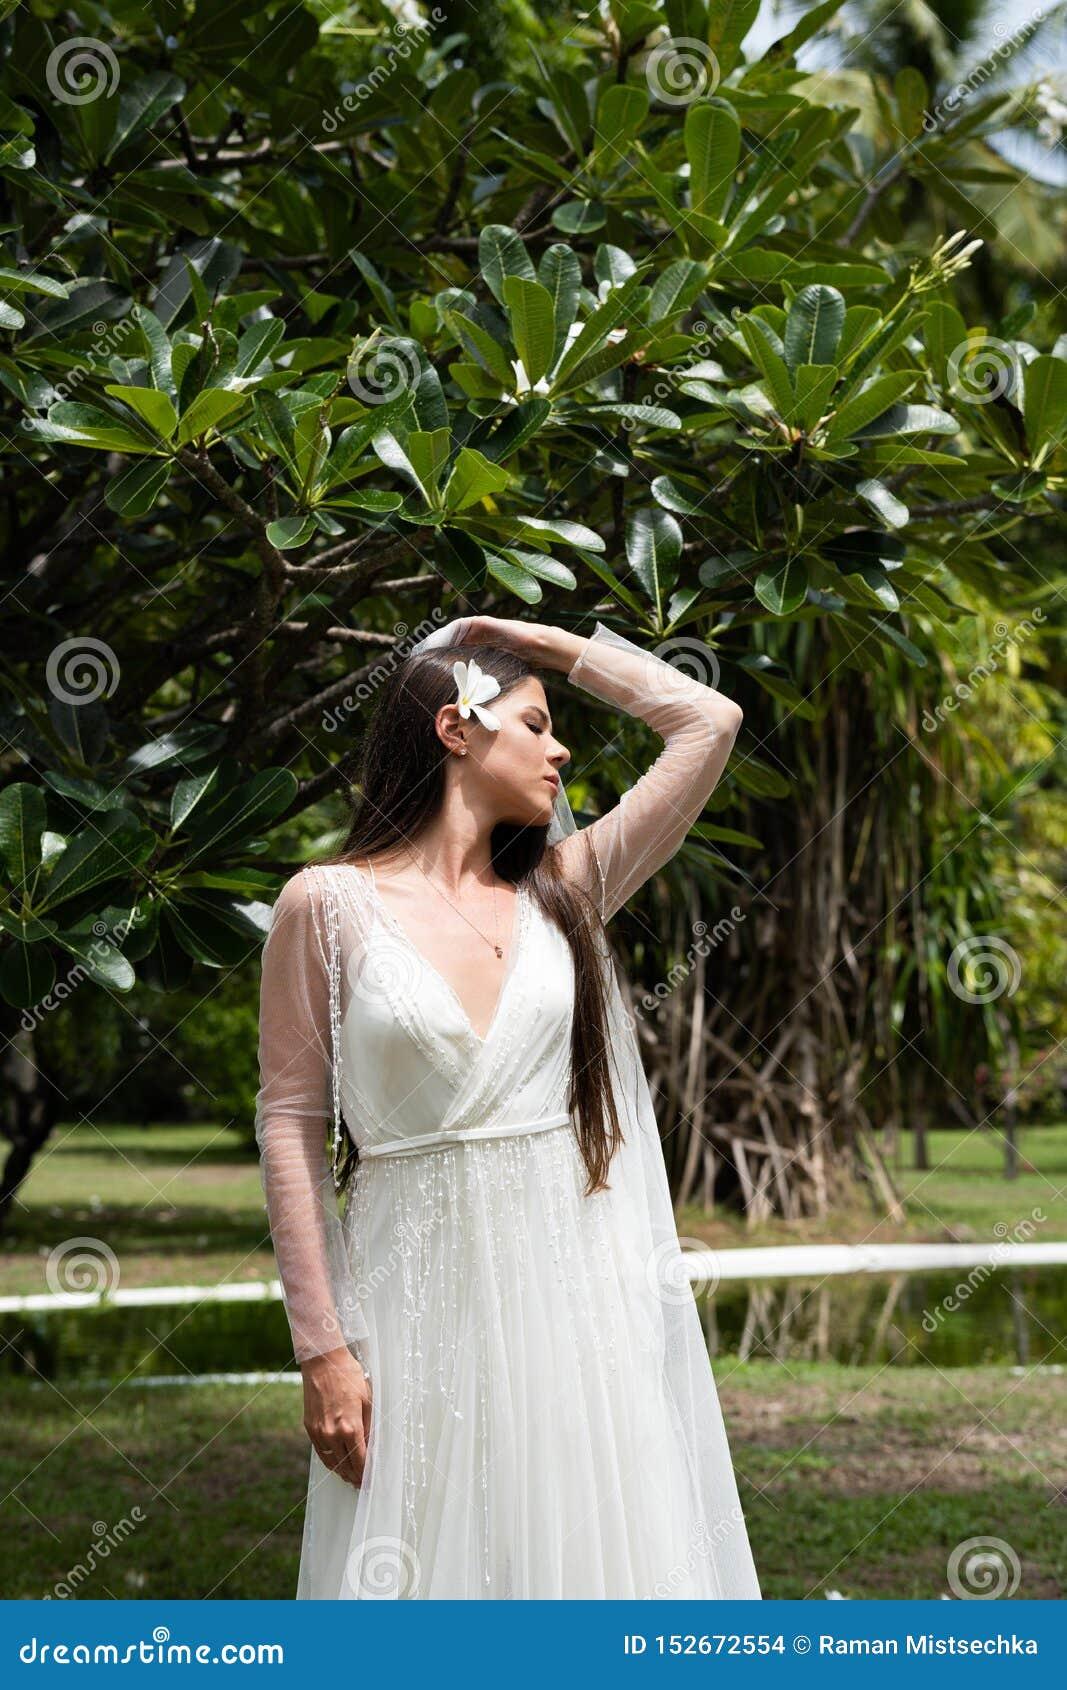 Uma noiva em um vestido branco com uma flor exótica em seu cabelo está estando sob uma árvore tropical de florescência